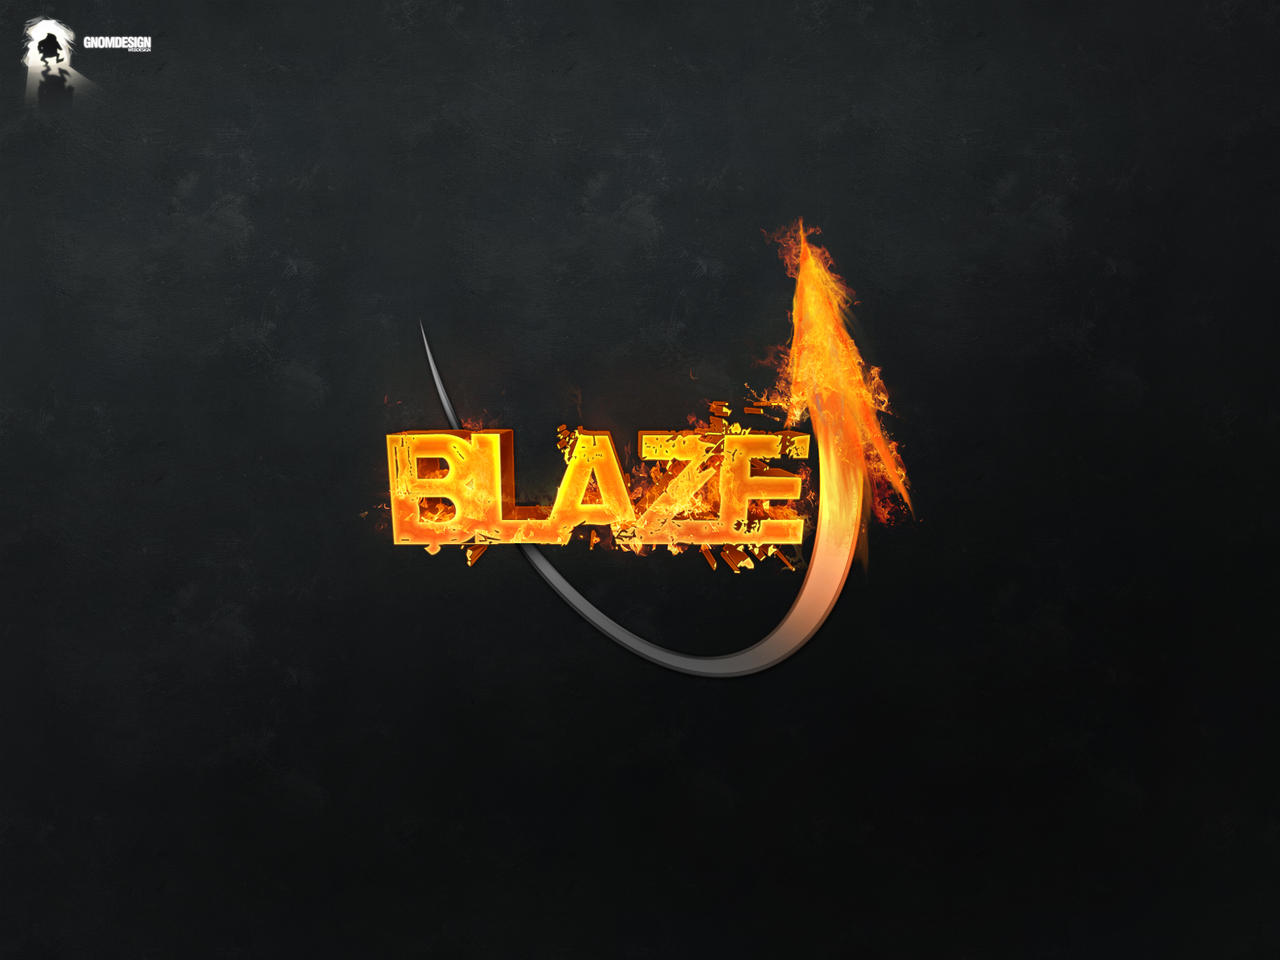 Blaze Up Wallpaper By Tigyrr On Deviantart